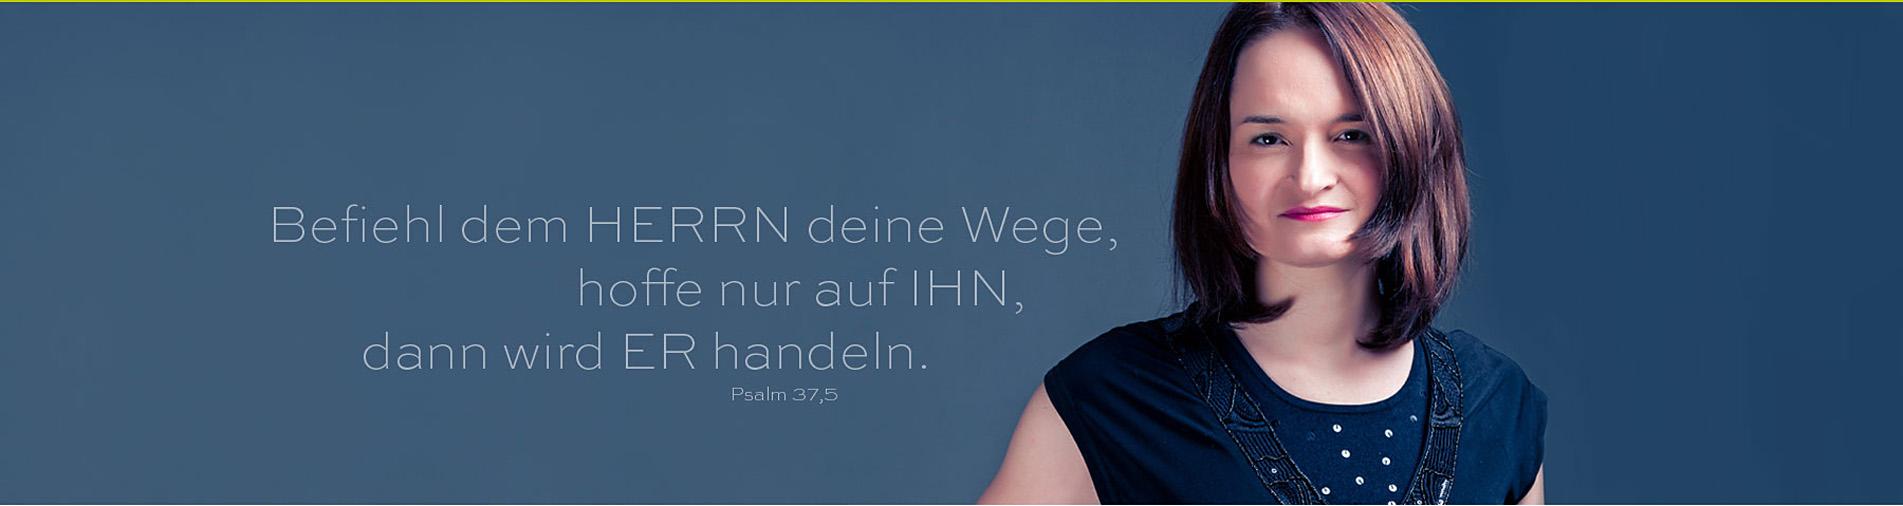 Merle Neumann, Sängerin und Künstlerin, Bayreuth